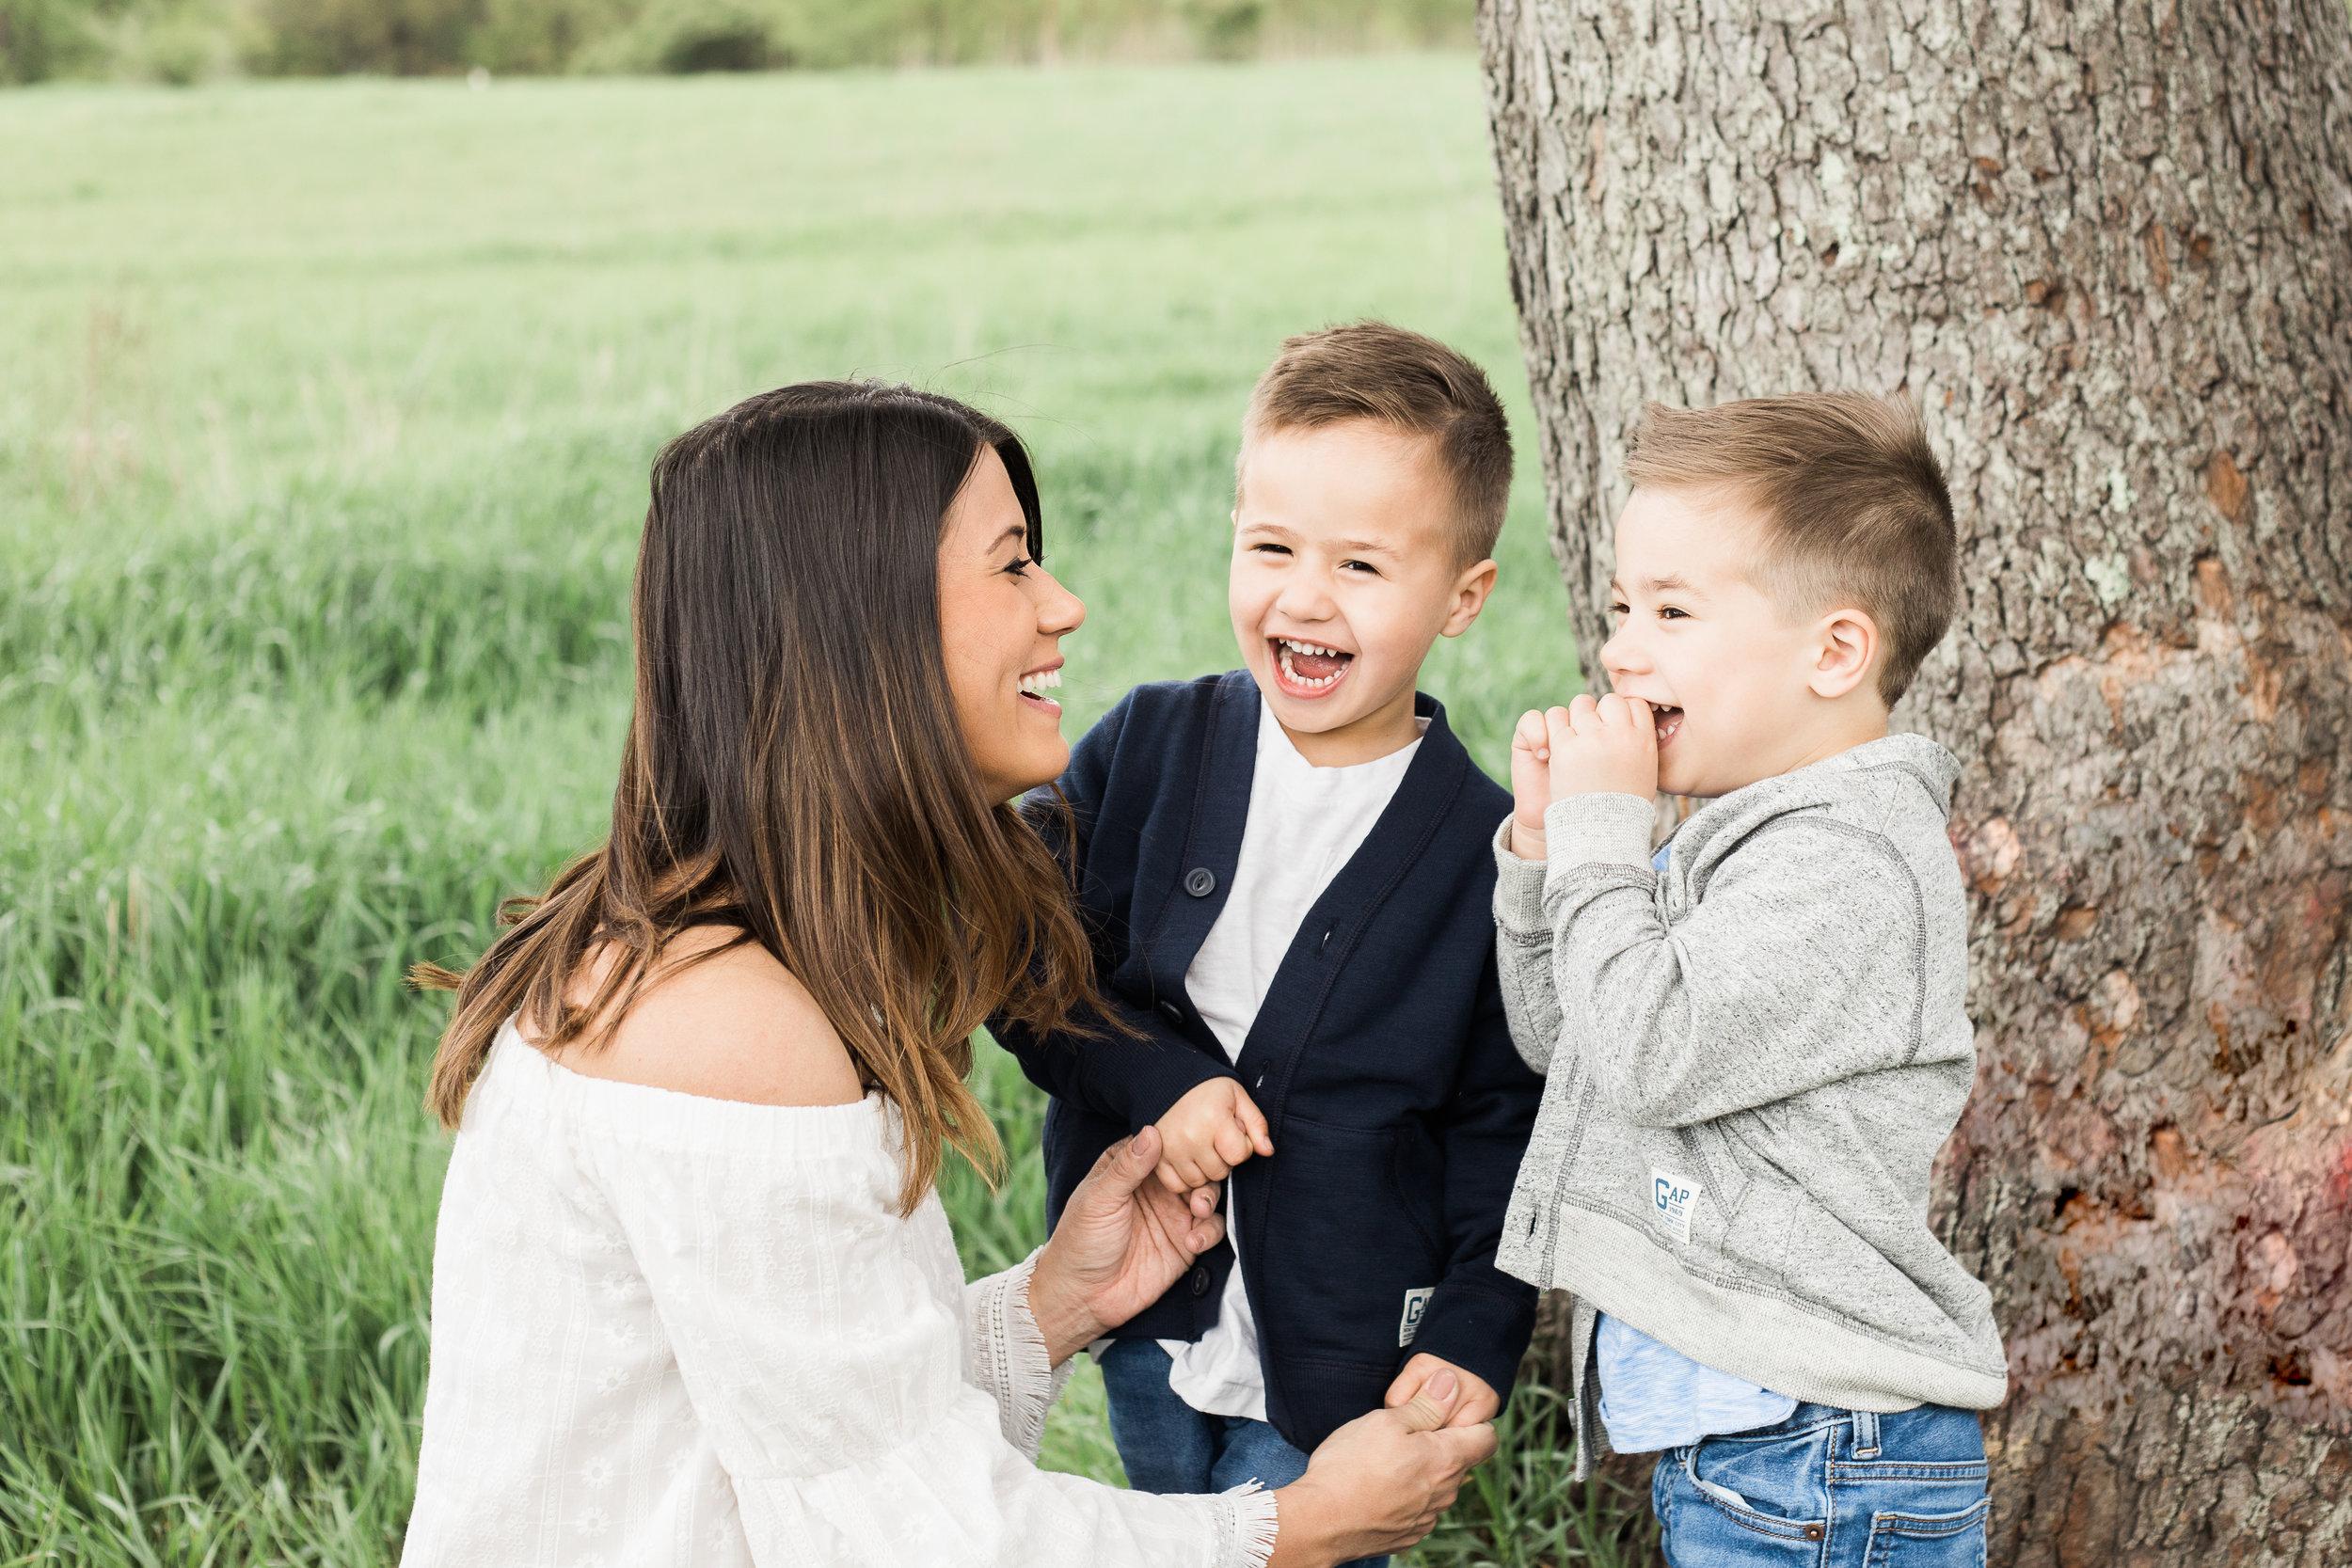 Twin boys and their mom, Kalamazoo, Michigan